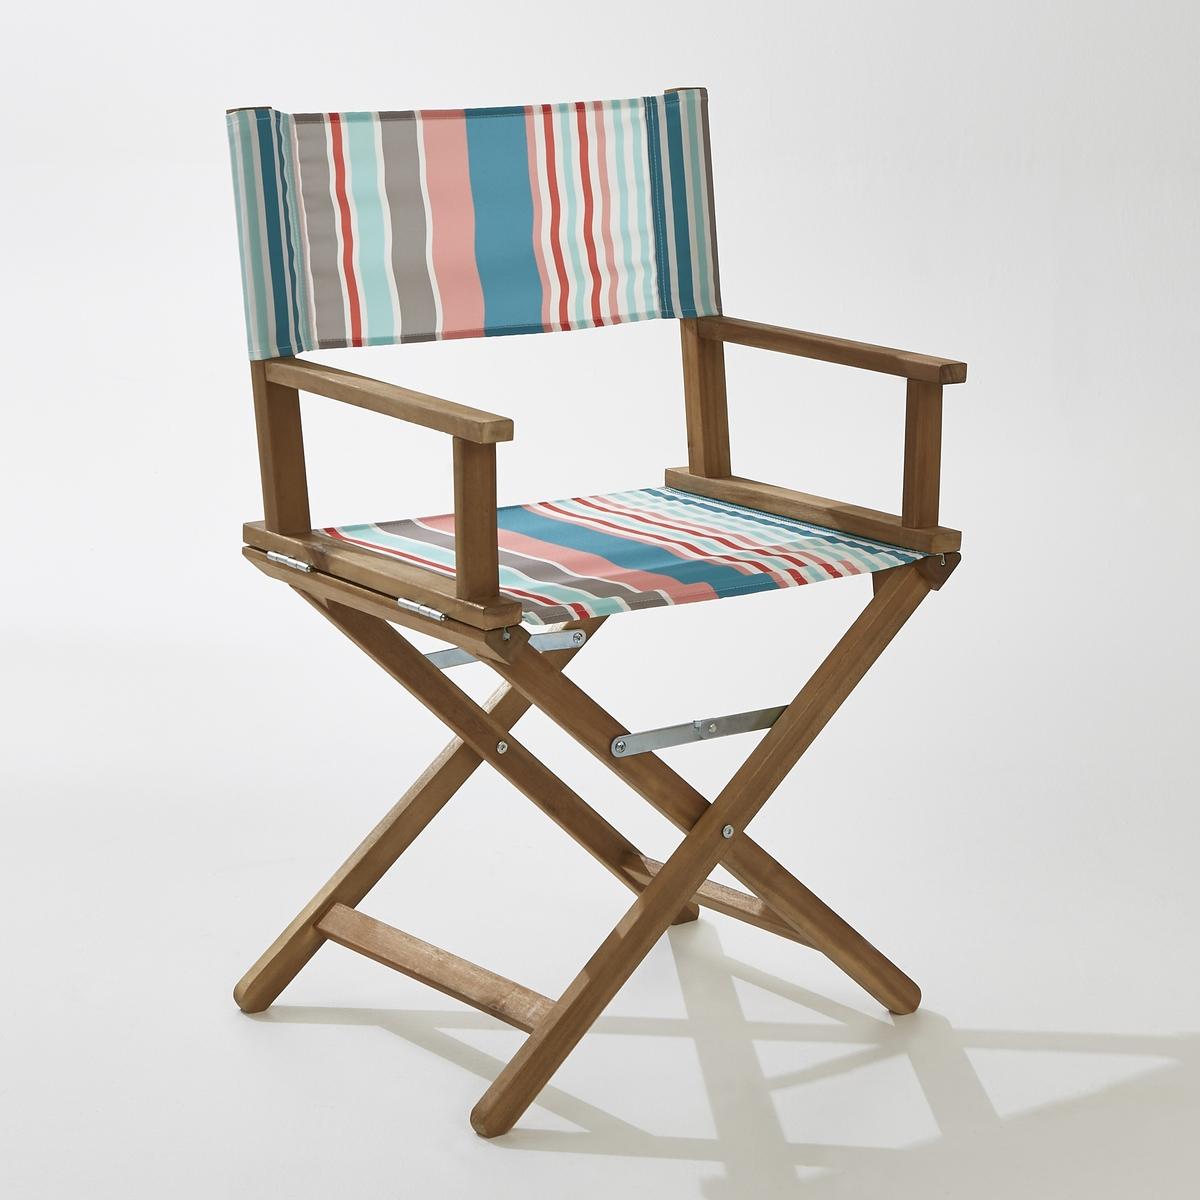 Кресло кинорежиссераВ саду и дома, режиссерское кресло производит сильное впечатление.Характеристики кресла :Из акации с масляной пропиткой. - Покрытие  100% полиэстера .- Полностью складное .Поставляется  собранным, в сложенном виде .Размеры :- Общие: L56/57,5 x H88 x P43 см. Это кресло кинорежиссера для экстерьера может быть доставлено (без доплаты), если необходимо, до вашей квартиры.Вы можете обменять или вернуть кресло в течение 15 дней, предварительно оговорив это при покупке.<br><br>Цвет: в полоску разноцветный